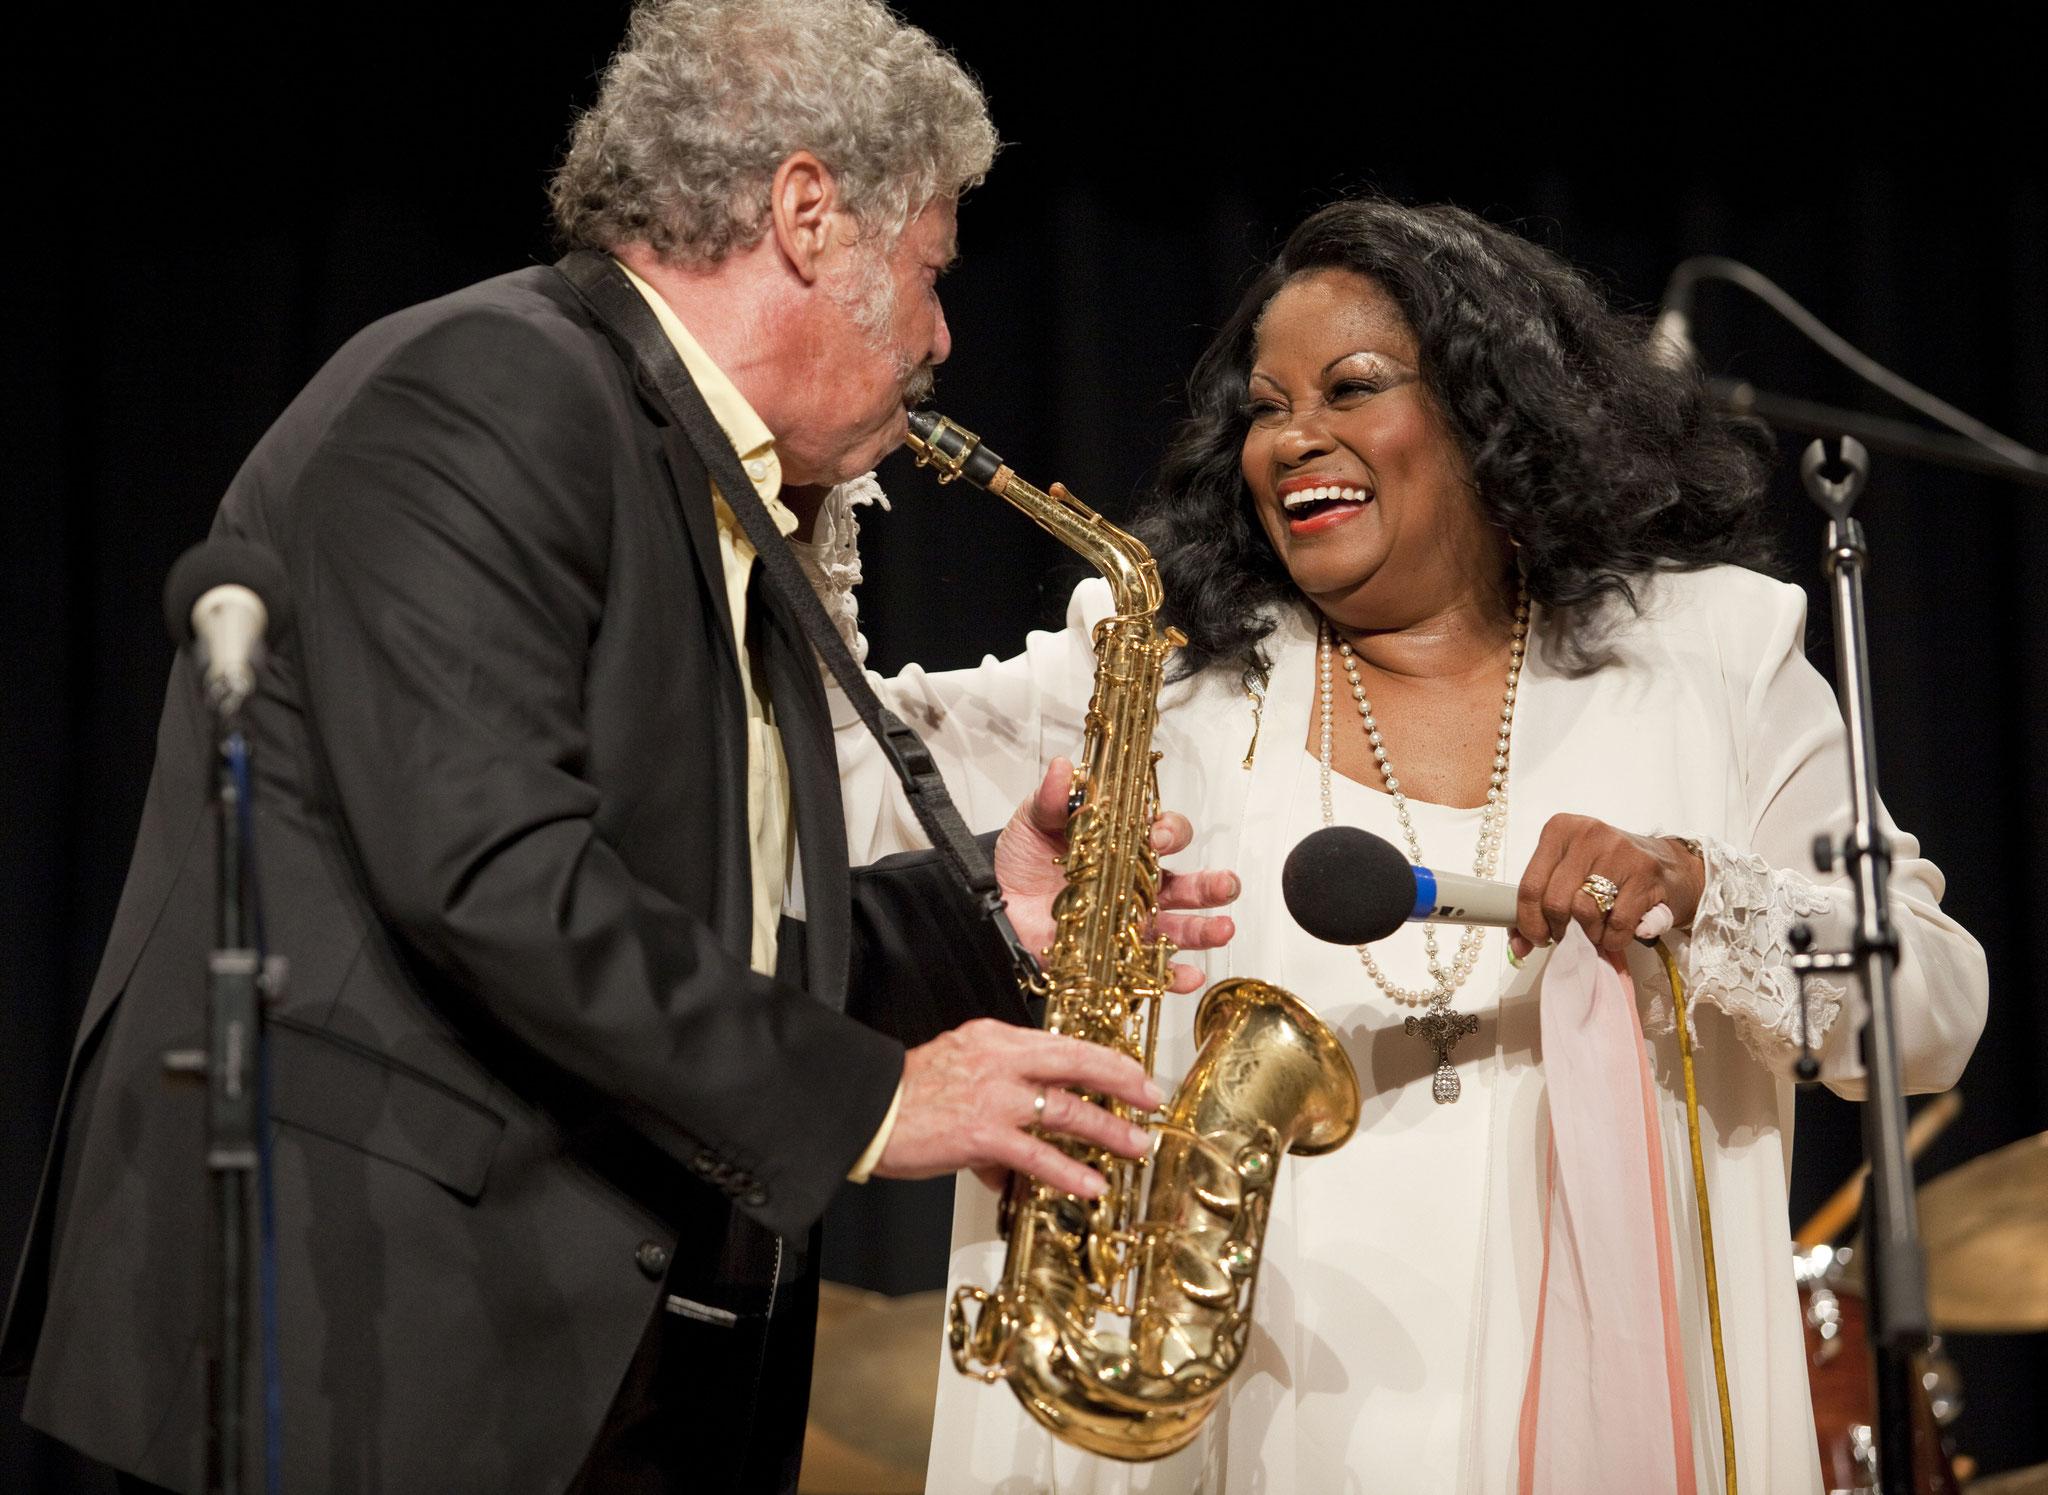 Reimer von Essen - Barrelhouse Jazzband & Special Guest: Harriet Lewis